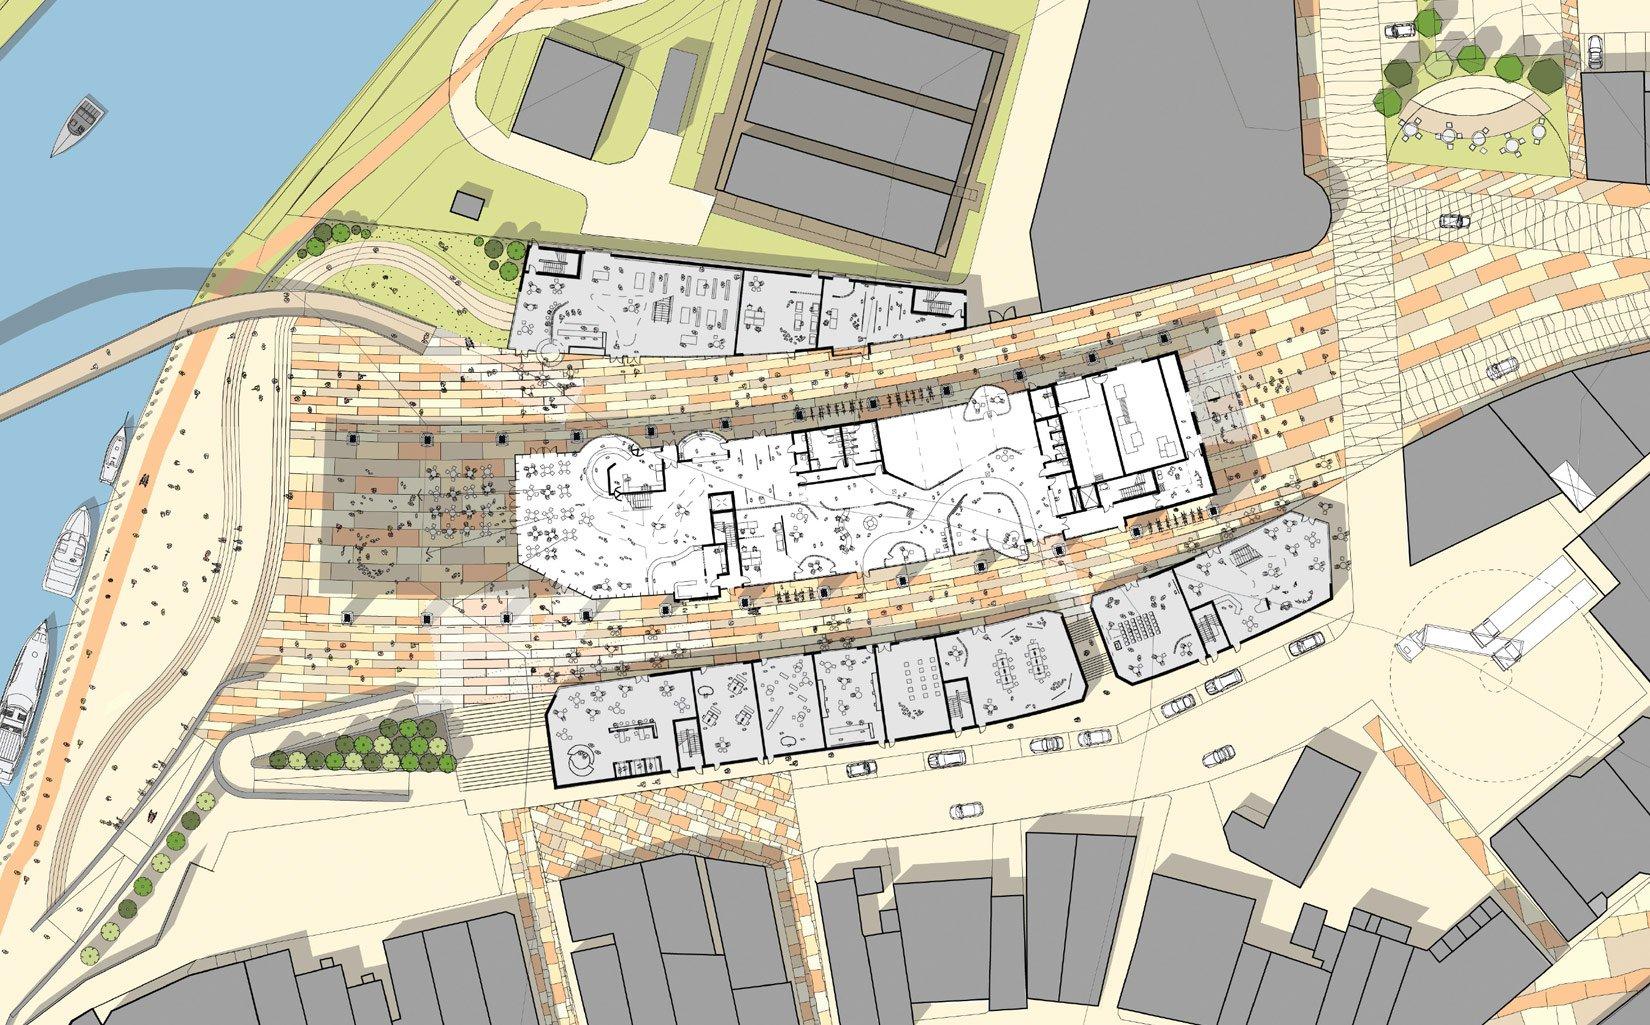 The Salt Market, Northwich, Site Plan